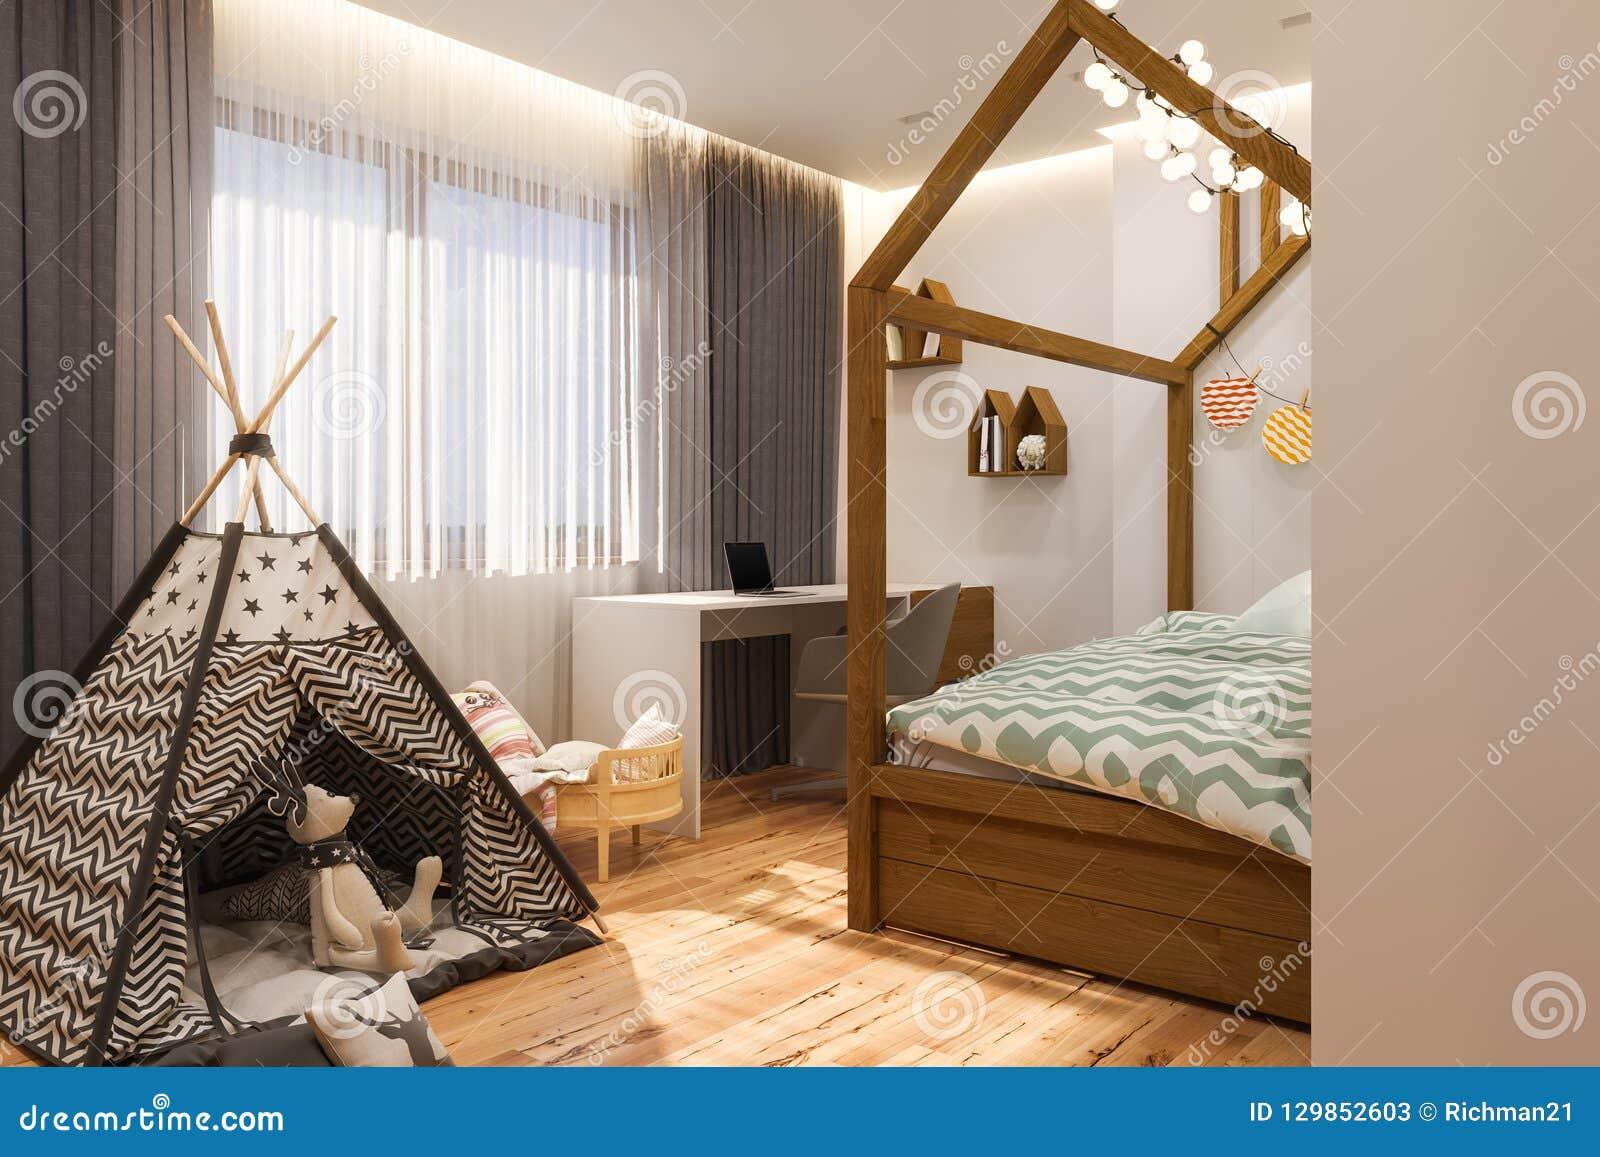 Camera Da Letto Bambino : La stanza dei giochi e la camera da letto dei bambini di interior